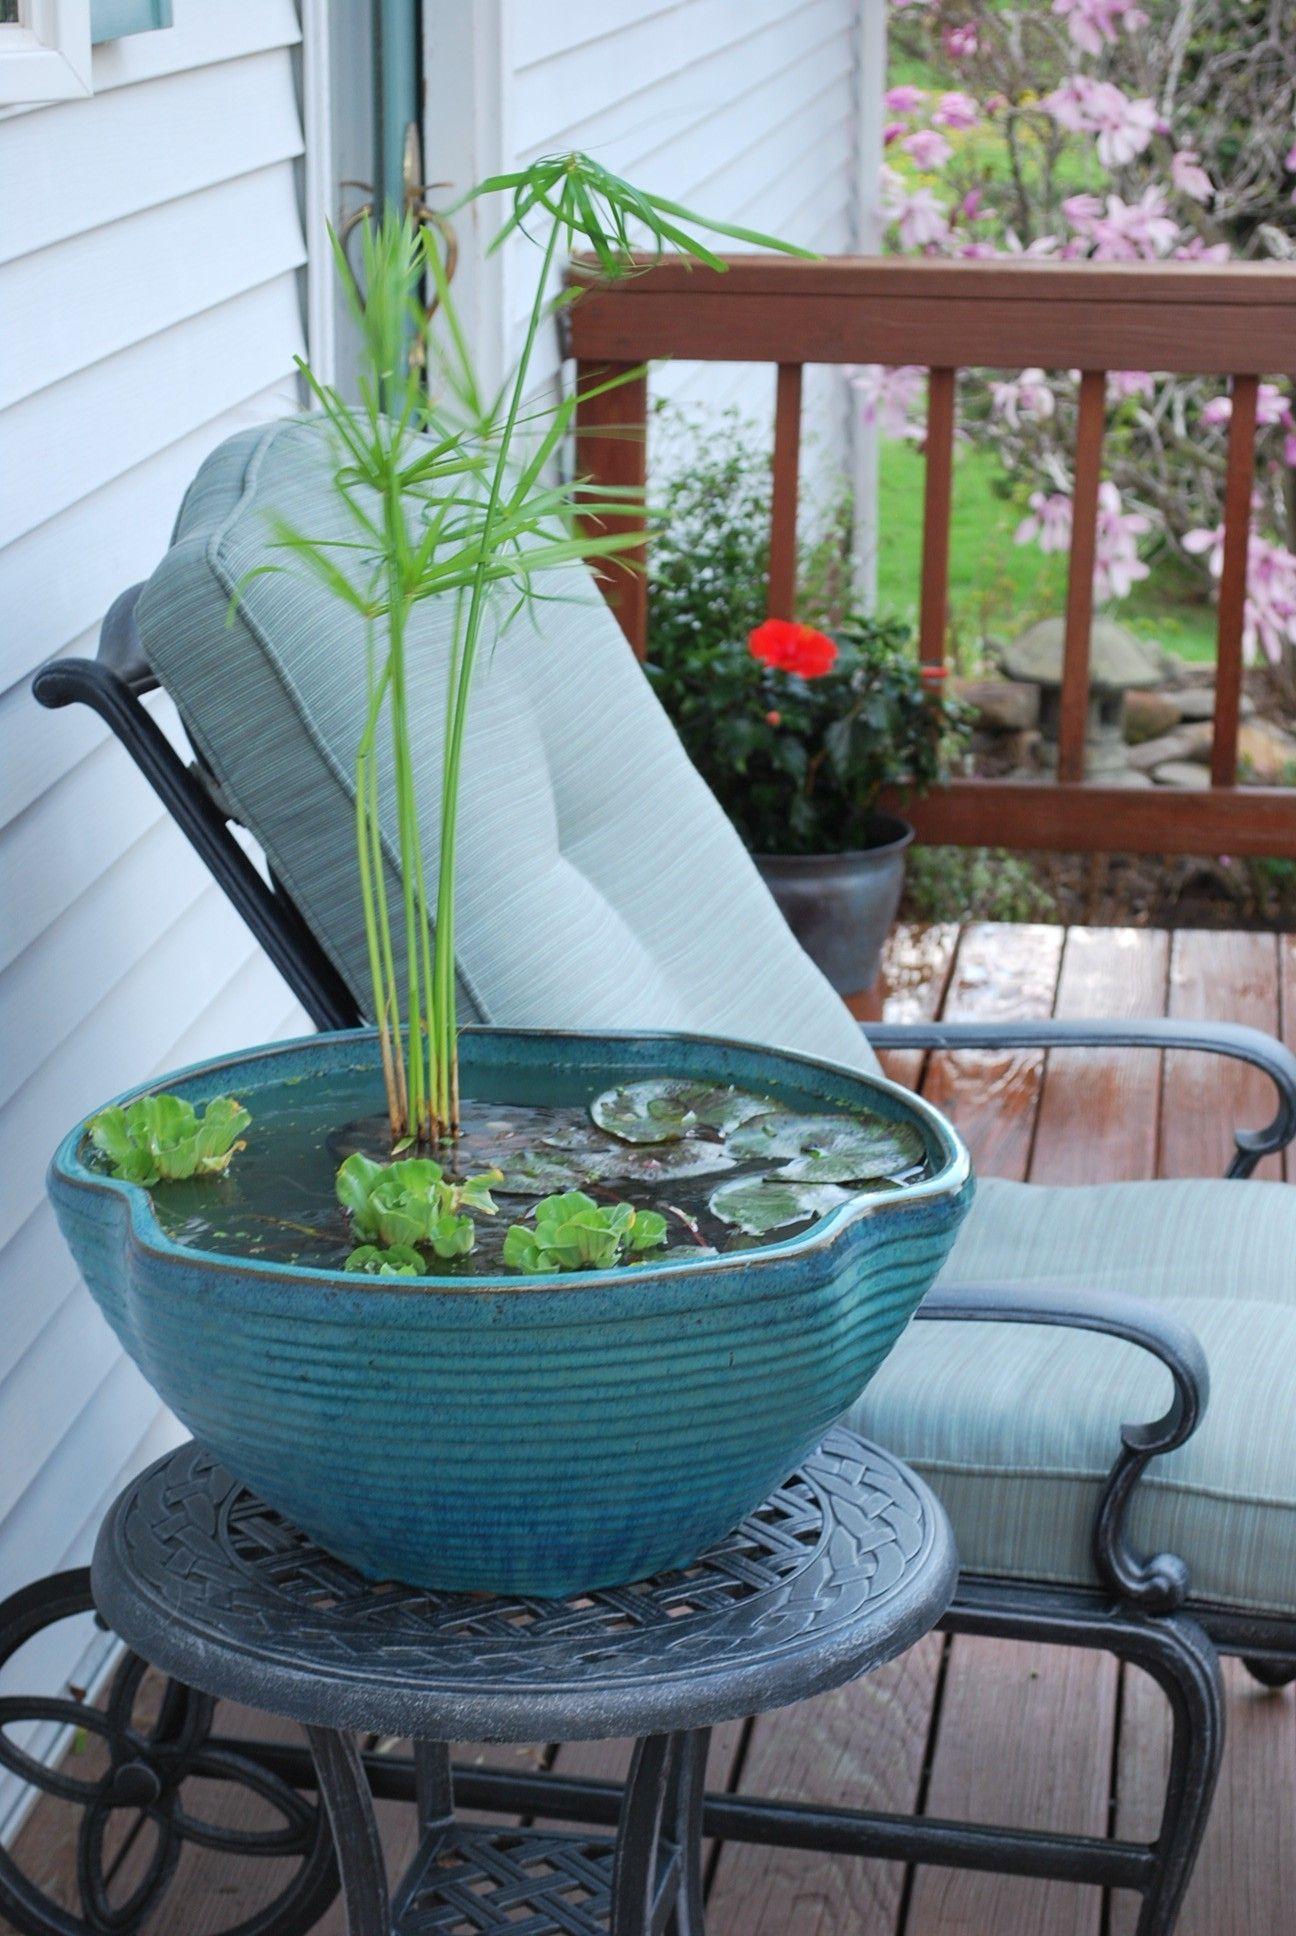 Balkon Ideen selber Machen: Ein Mini-Teich im Topf #balkondeko